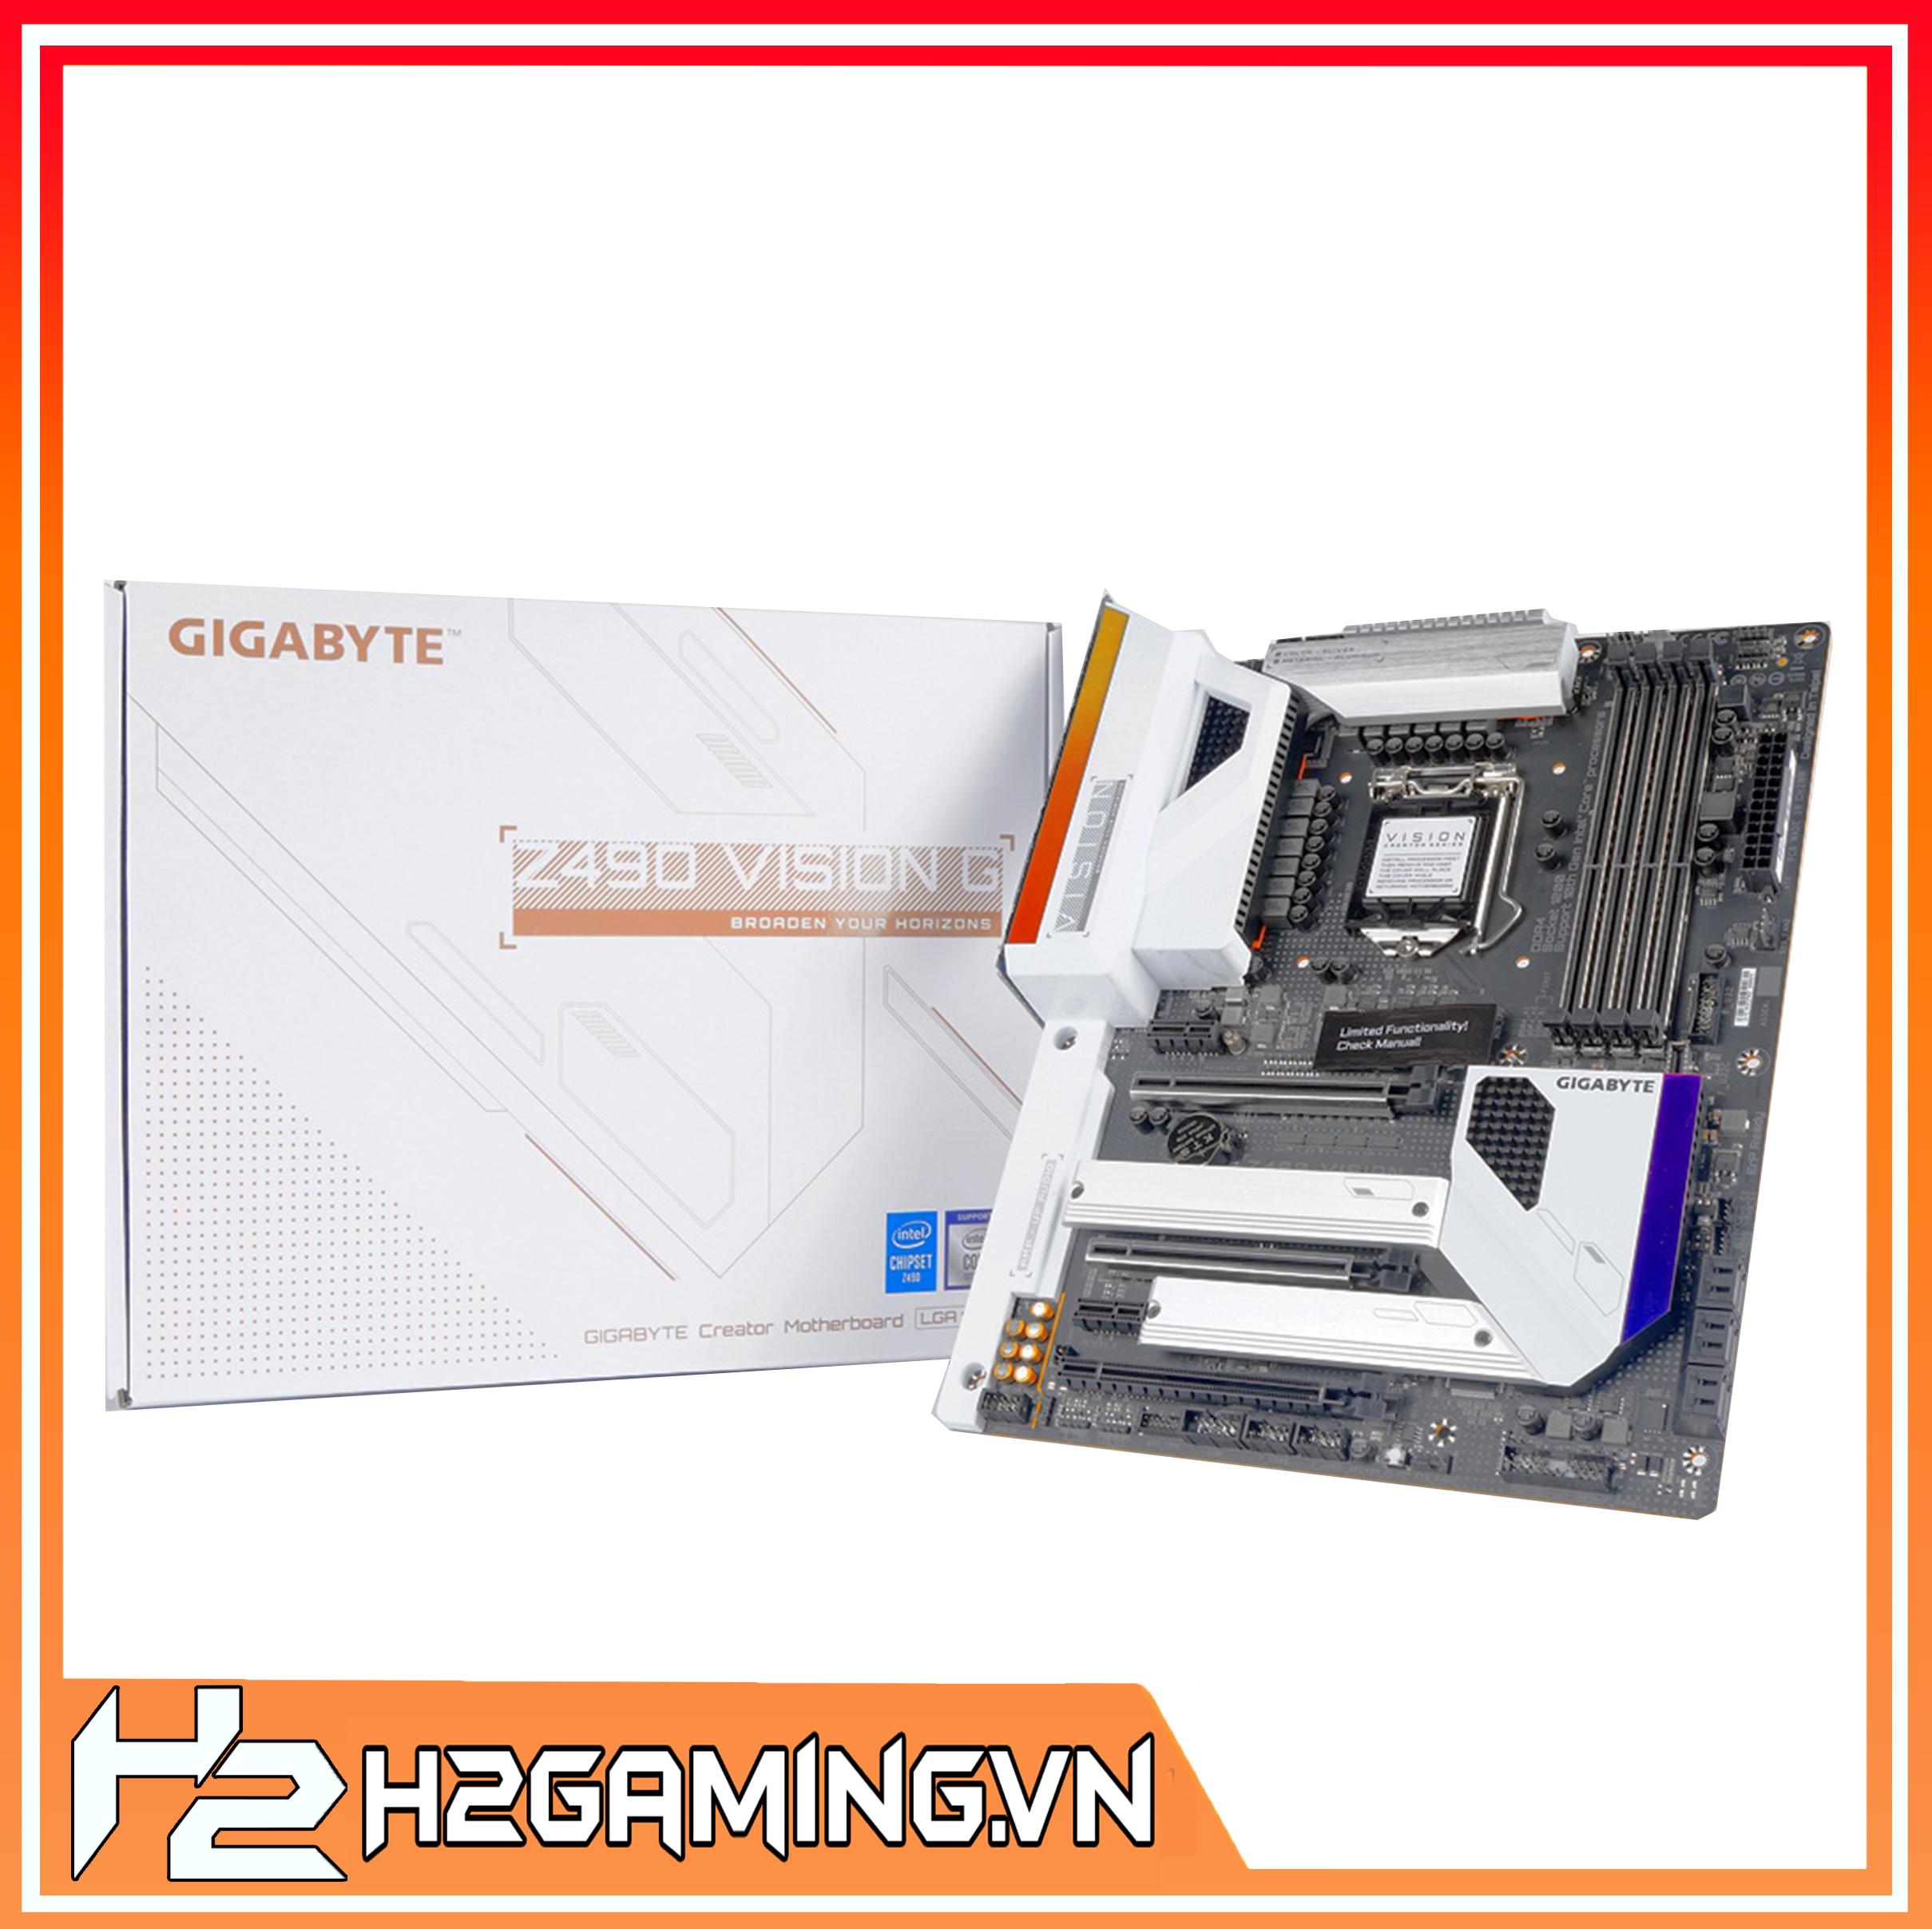 GIGABYTE_Z490_VISION_G_2